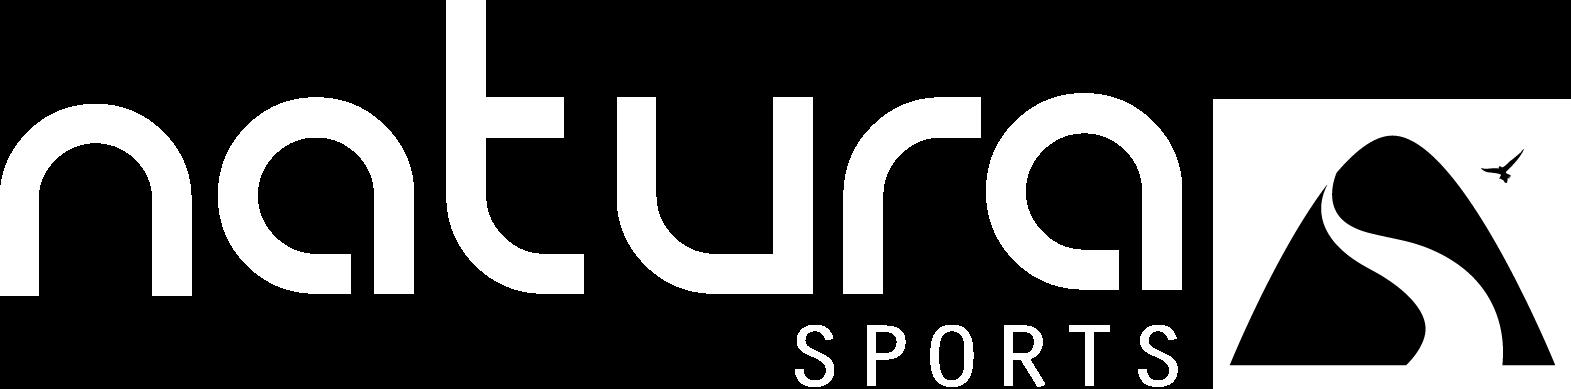 Natura Sports - Marche nordique AIX EN PROVENCE